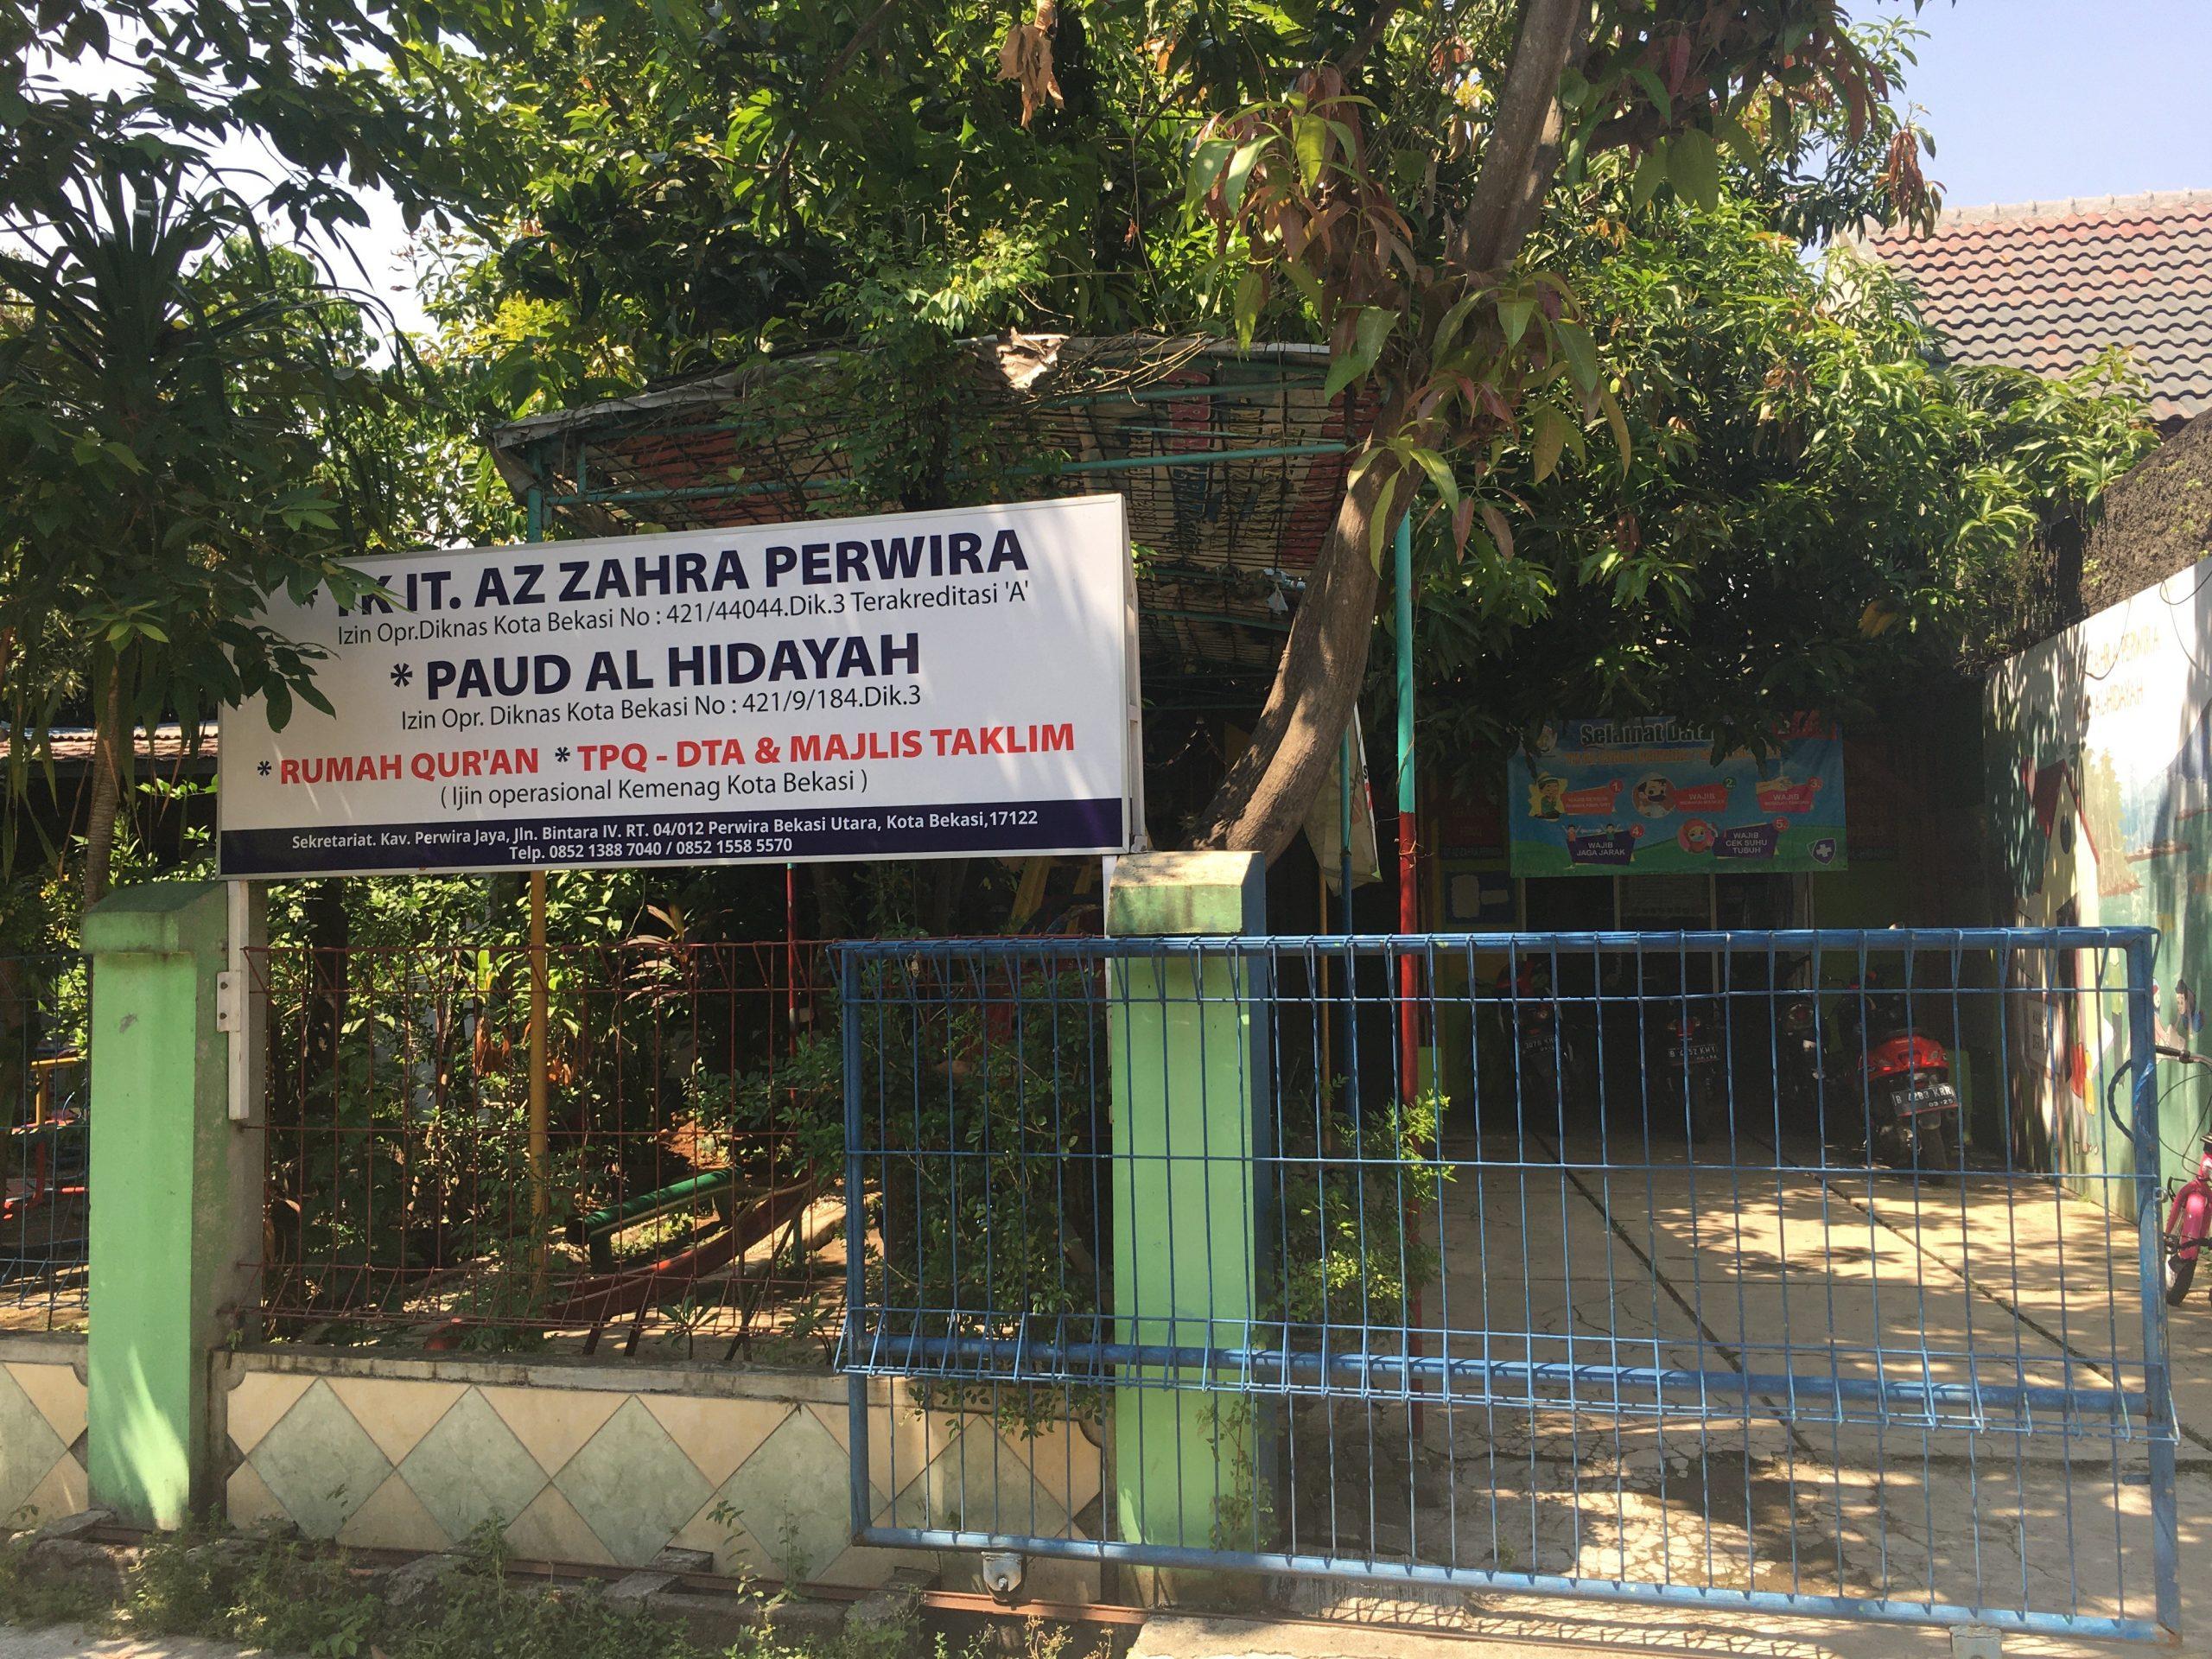 Lokasi Rumah Quran tempat Baim mengaji